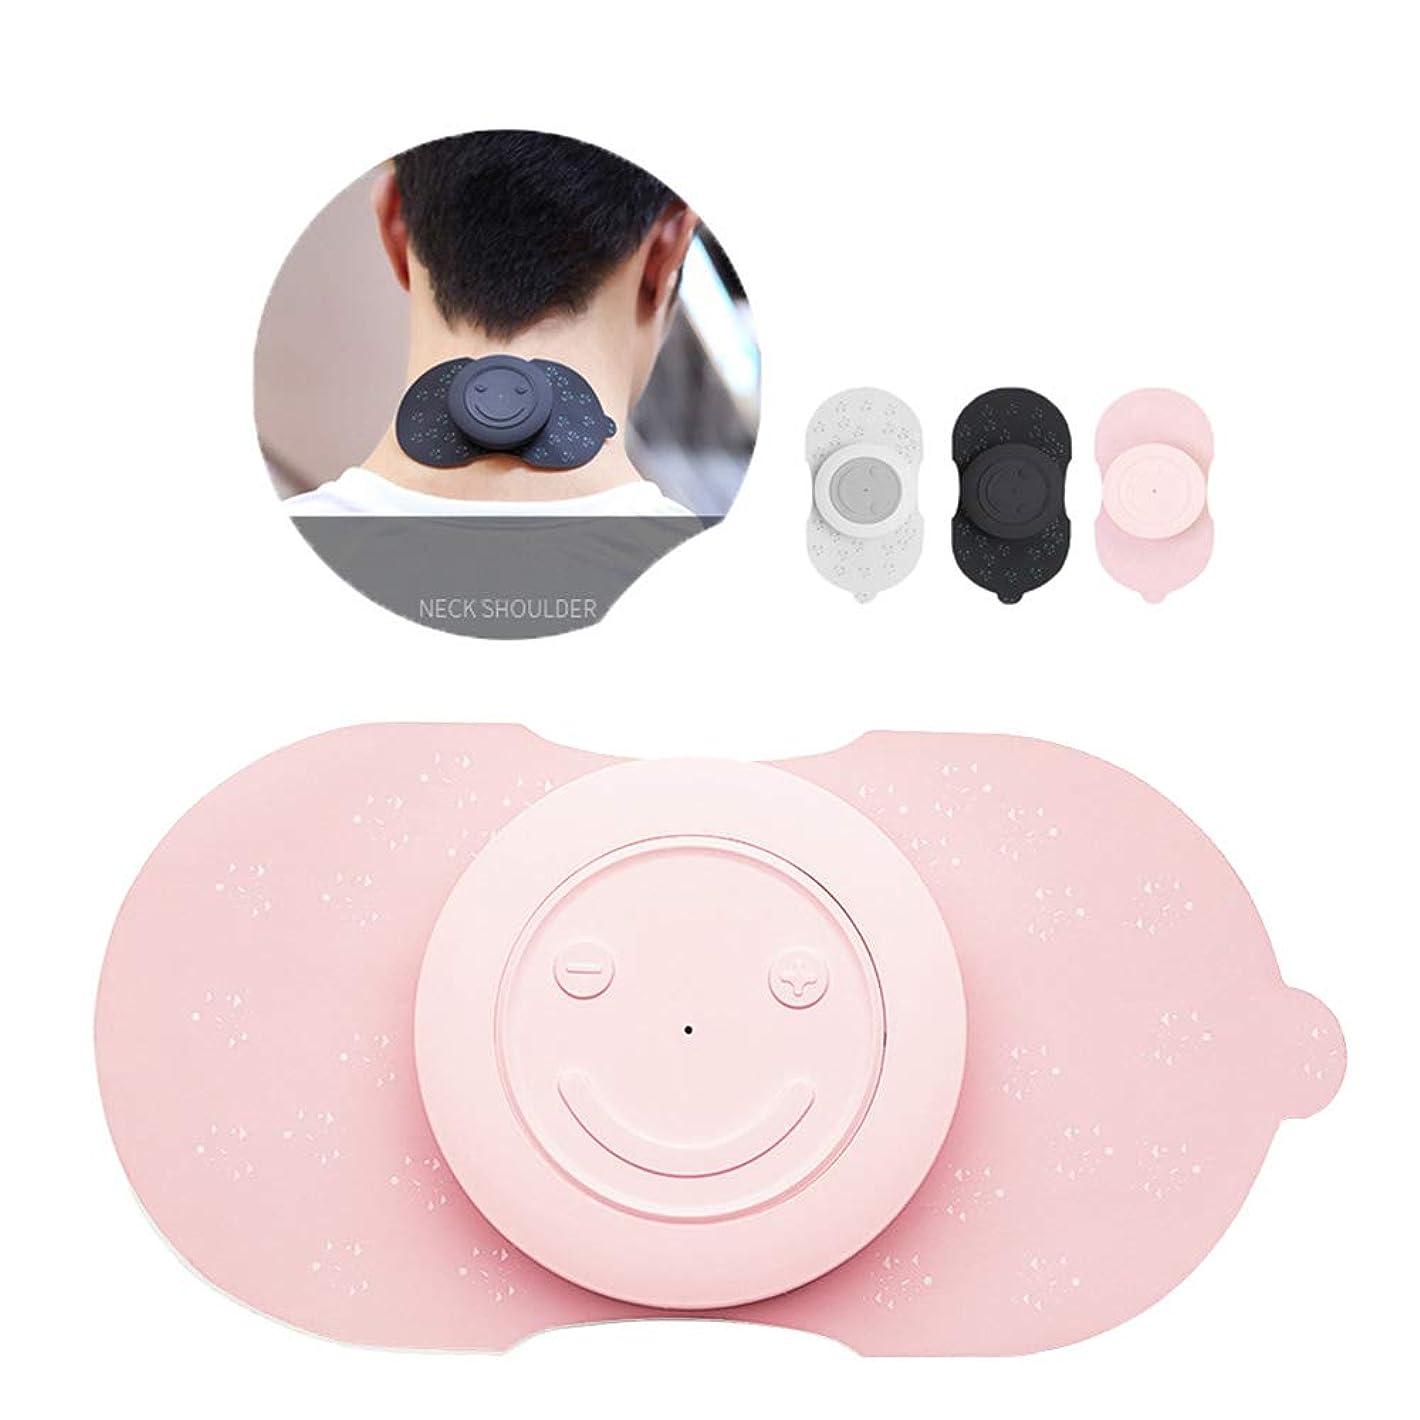 ページ子供時代暴露する背中の痛みのためのワイヤレスマッサージャーTENマシン、痛みの軽減のための充電式TENSマシン-EMS TENSユニットミニマッサージャー,ピンク